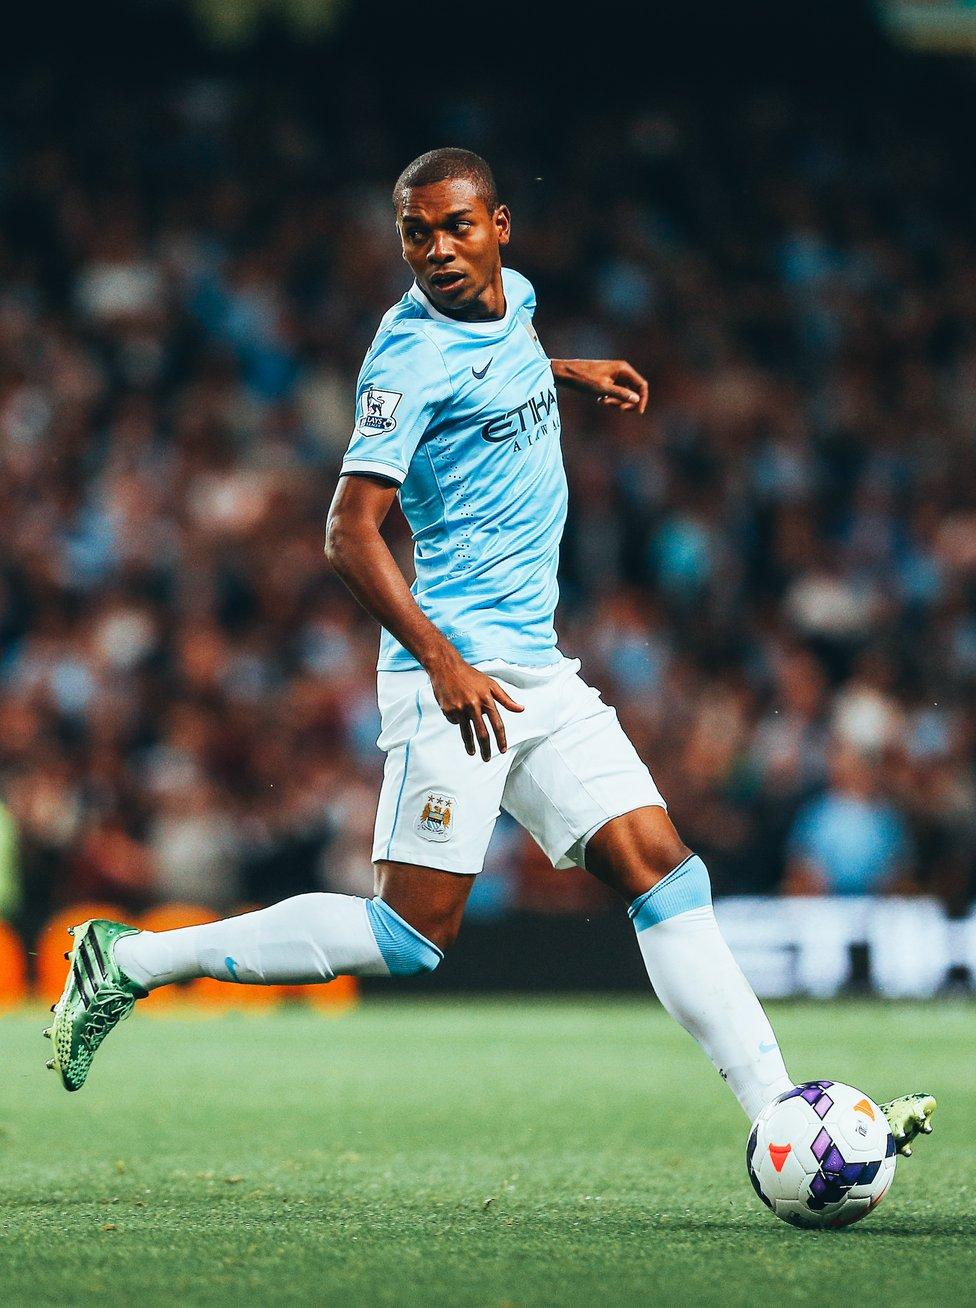 : 2013년 8월 19일 뉴캐슬전에서 데뷔전을 치르다(4-0 승)